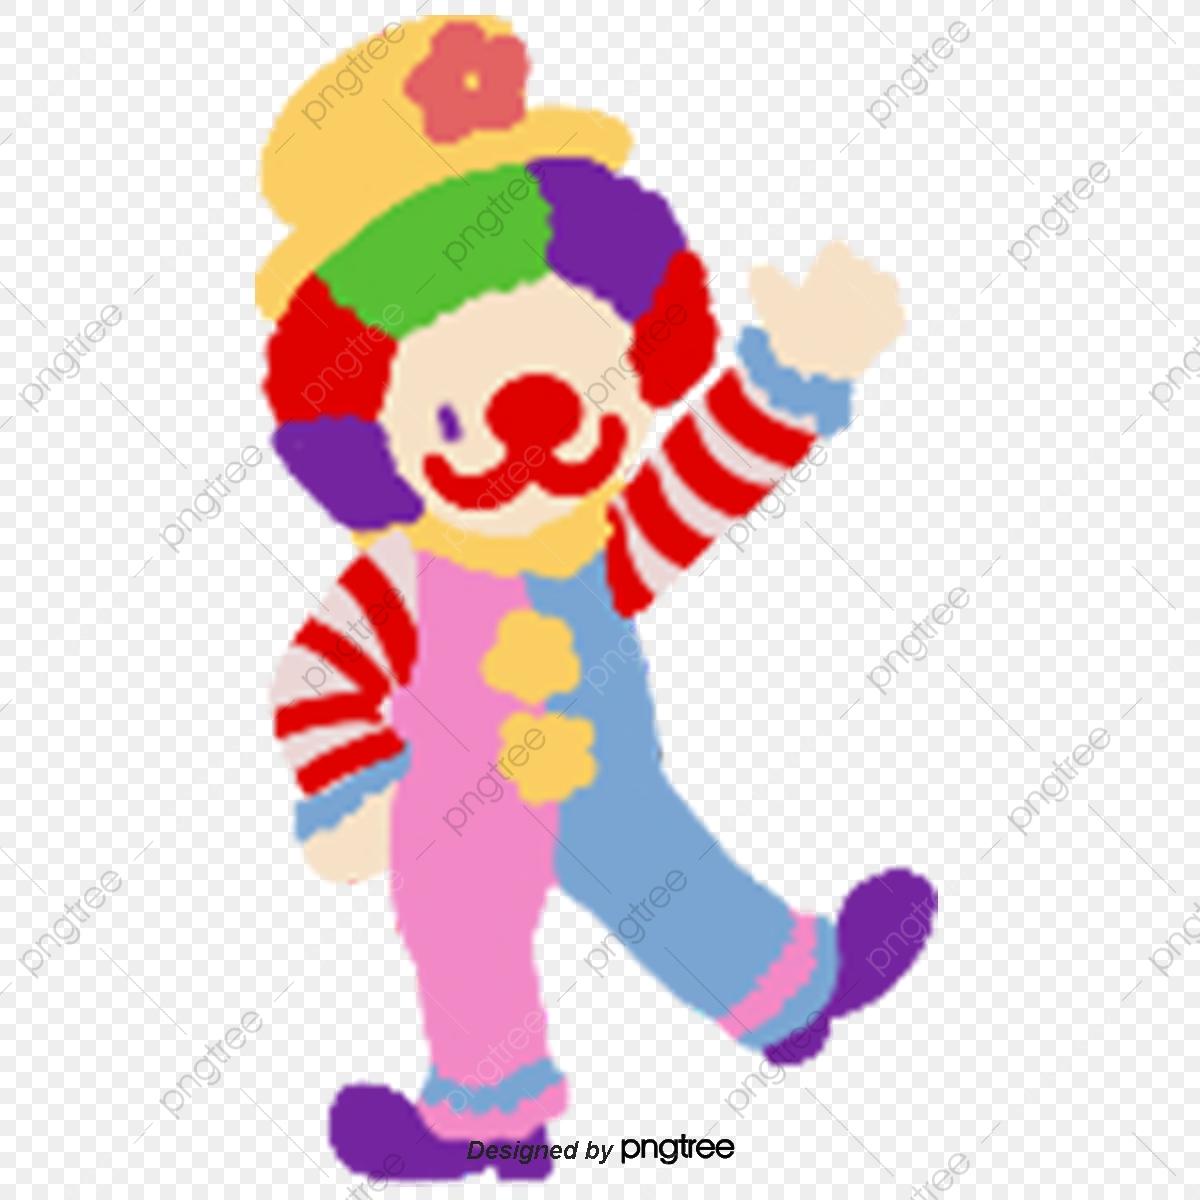 Dessin De Couleurs À Un Clown, Dessin De Clown, Le Clown À encequiconcerne Dessin De Clown En Couleur